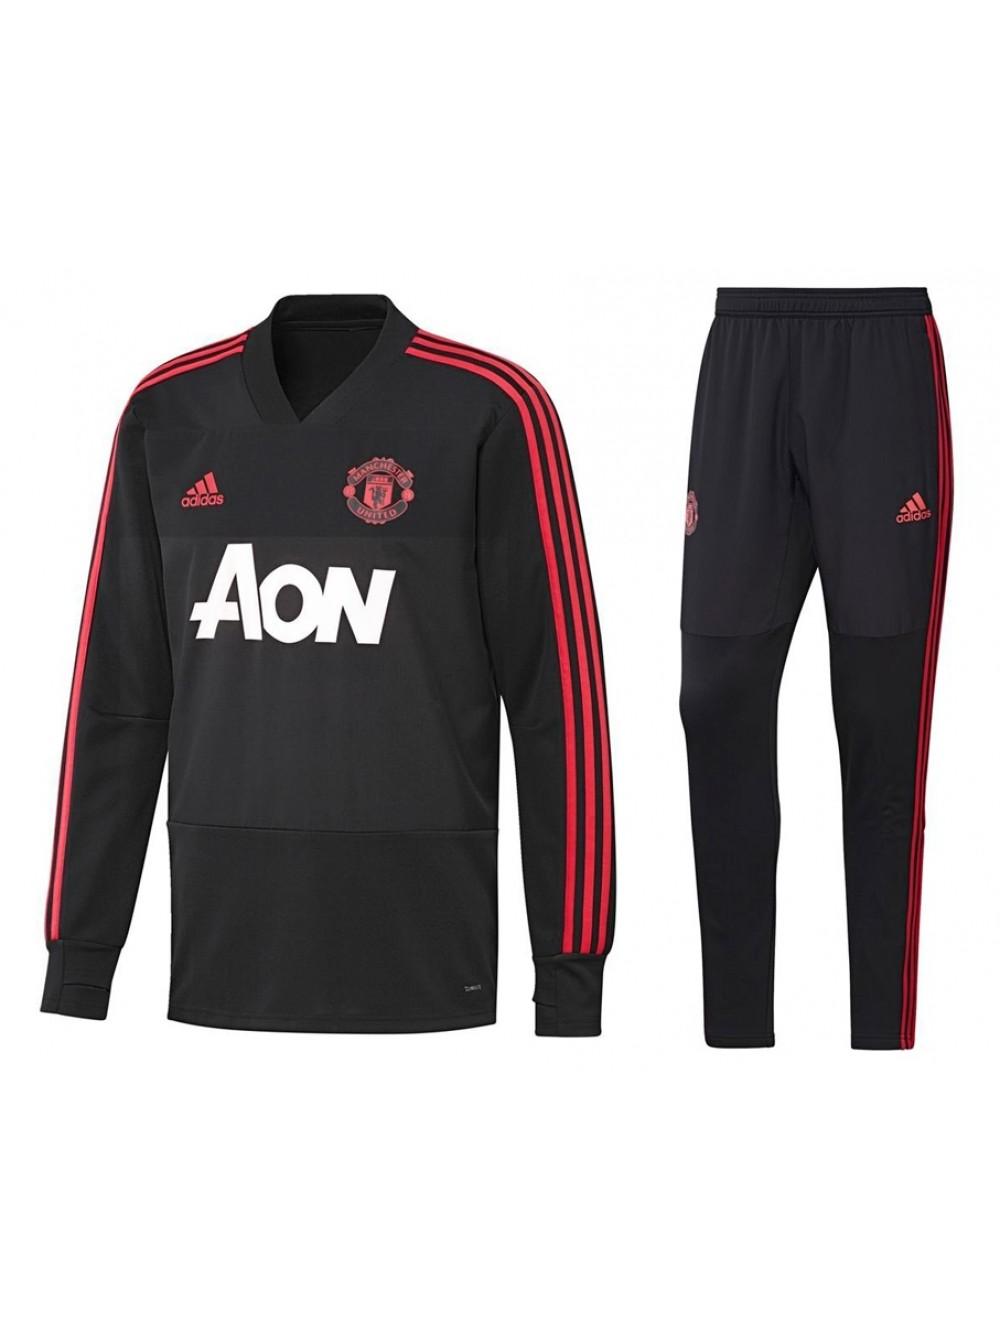 Манчестер юнайтед тренировочная одежда